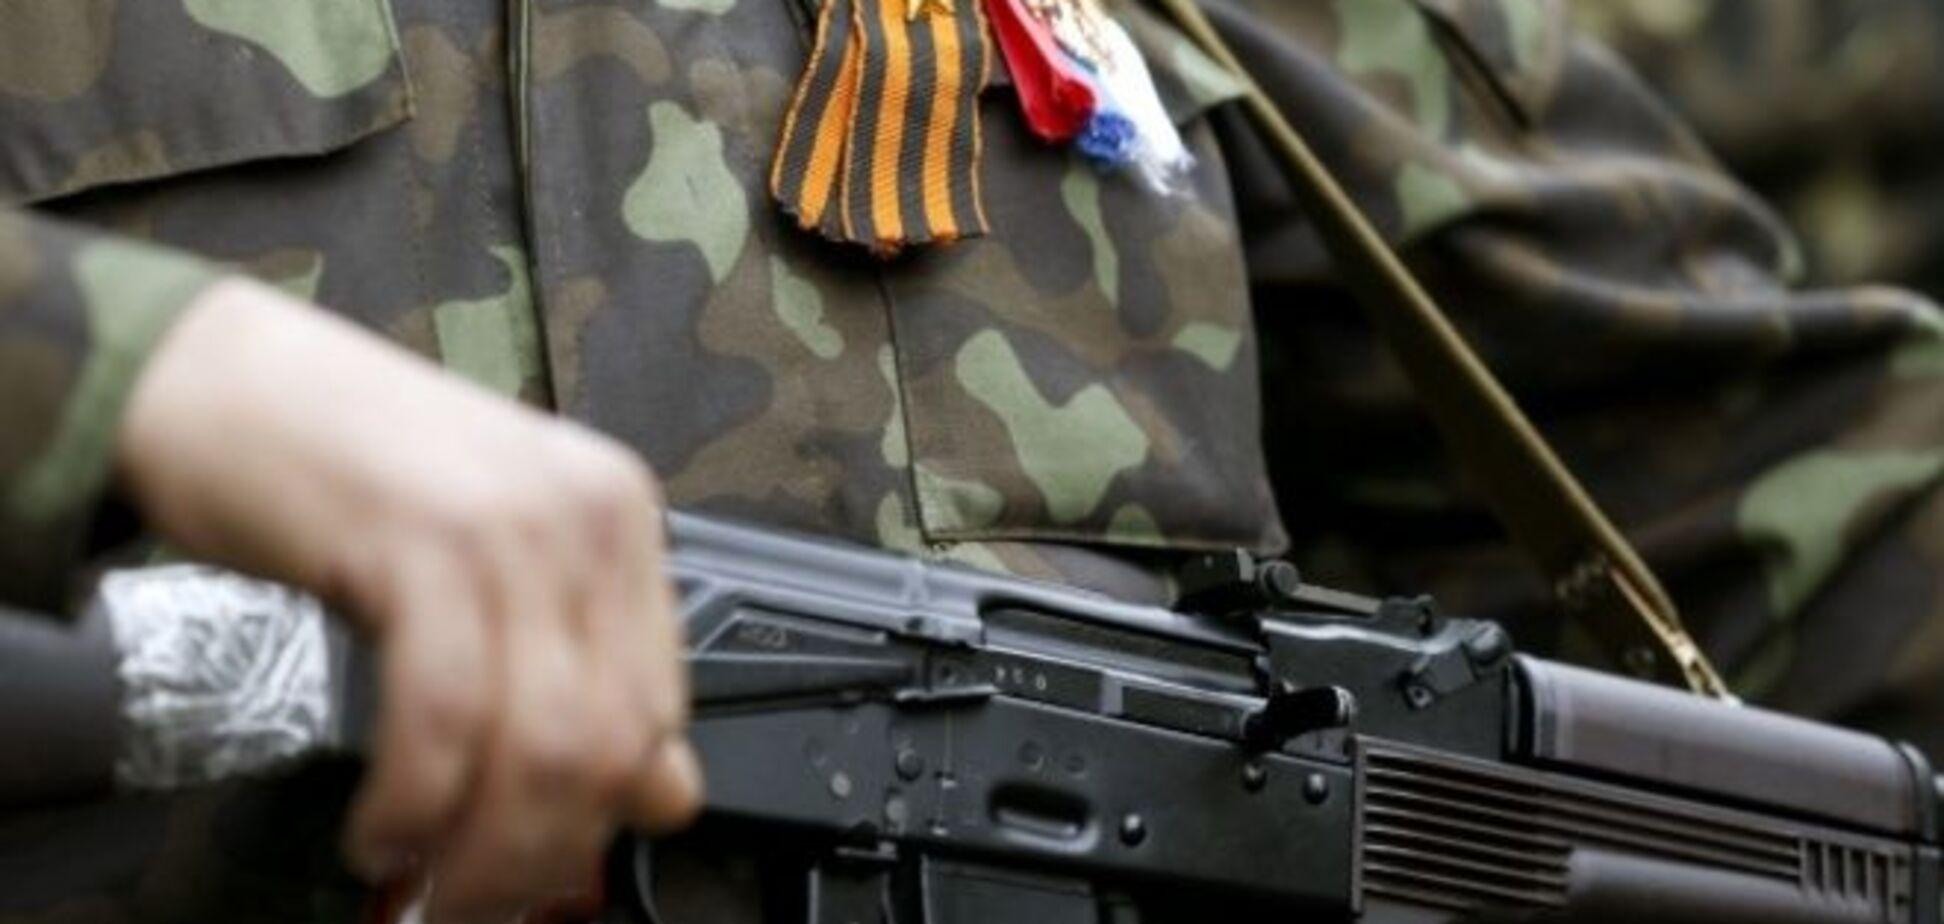 Оккупанты вербуют подростков 'ЛНР' в 'кадетский корпус' и учат умирать за Россию